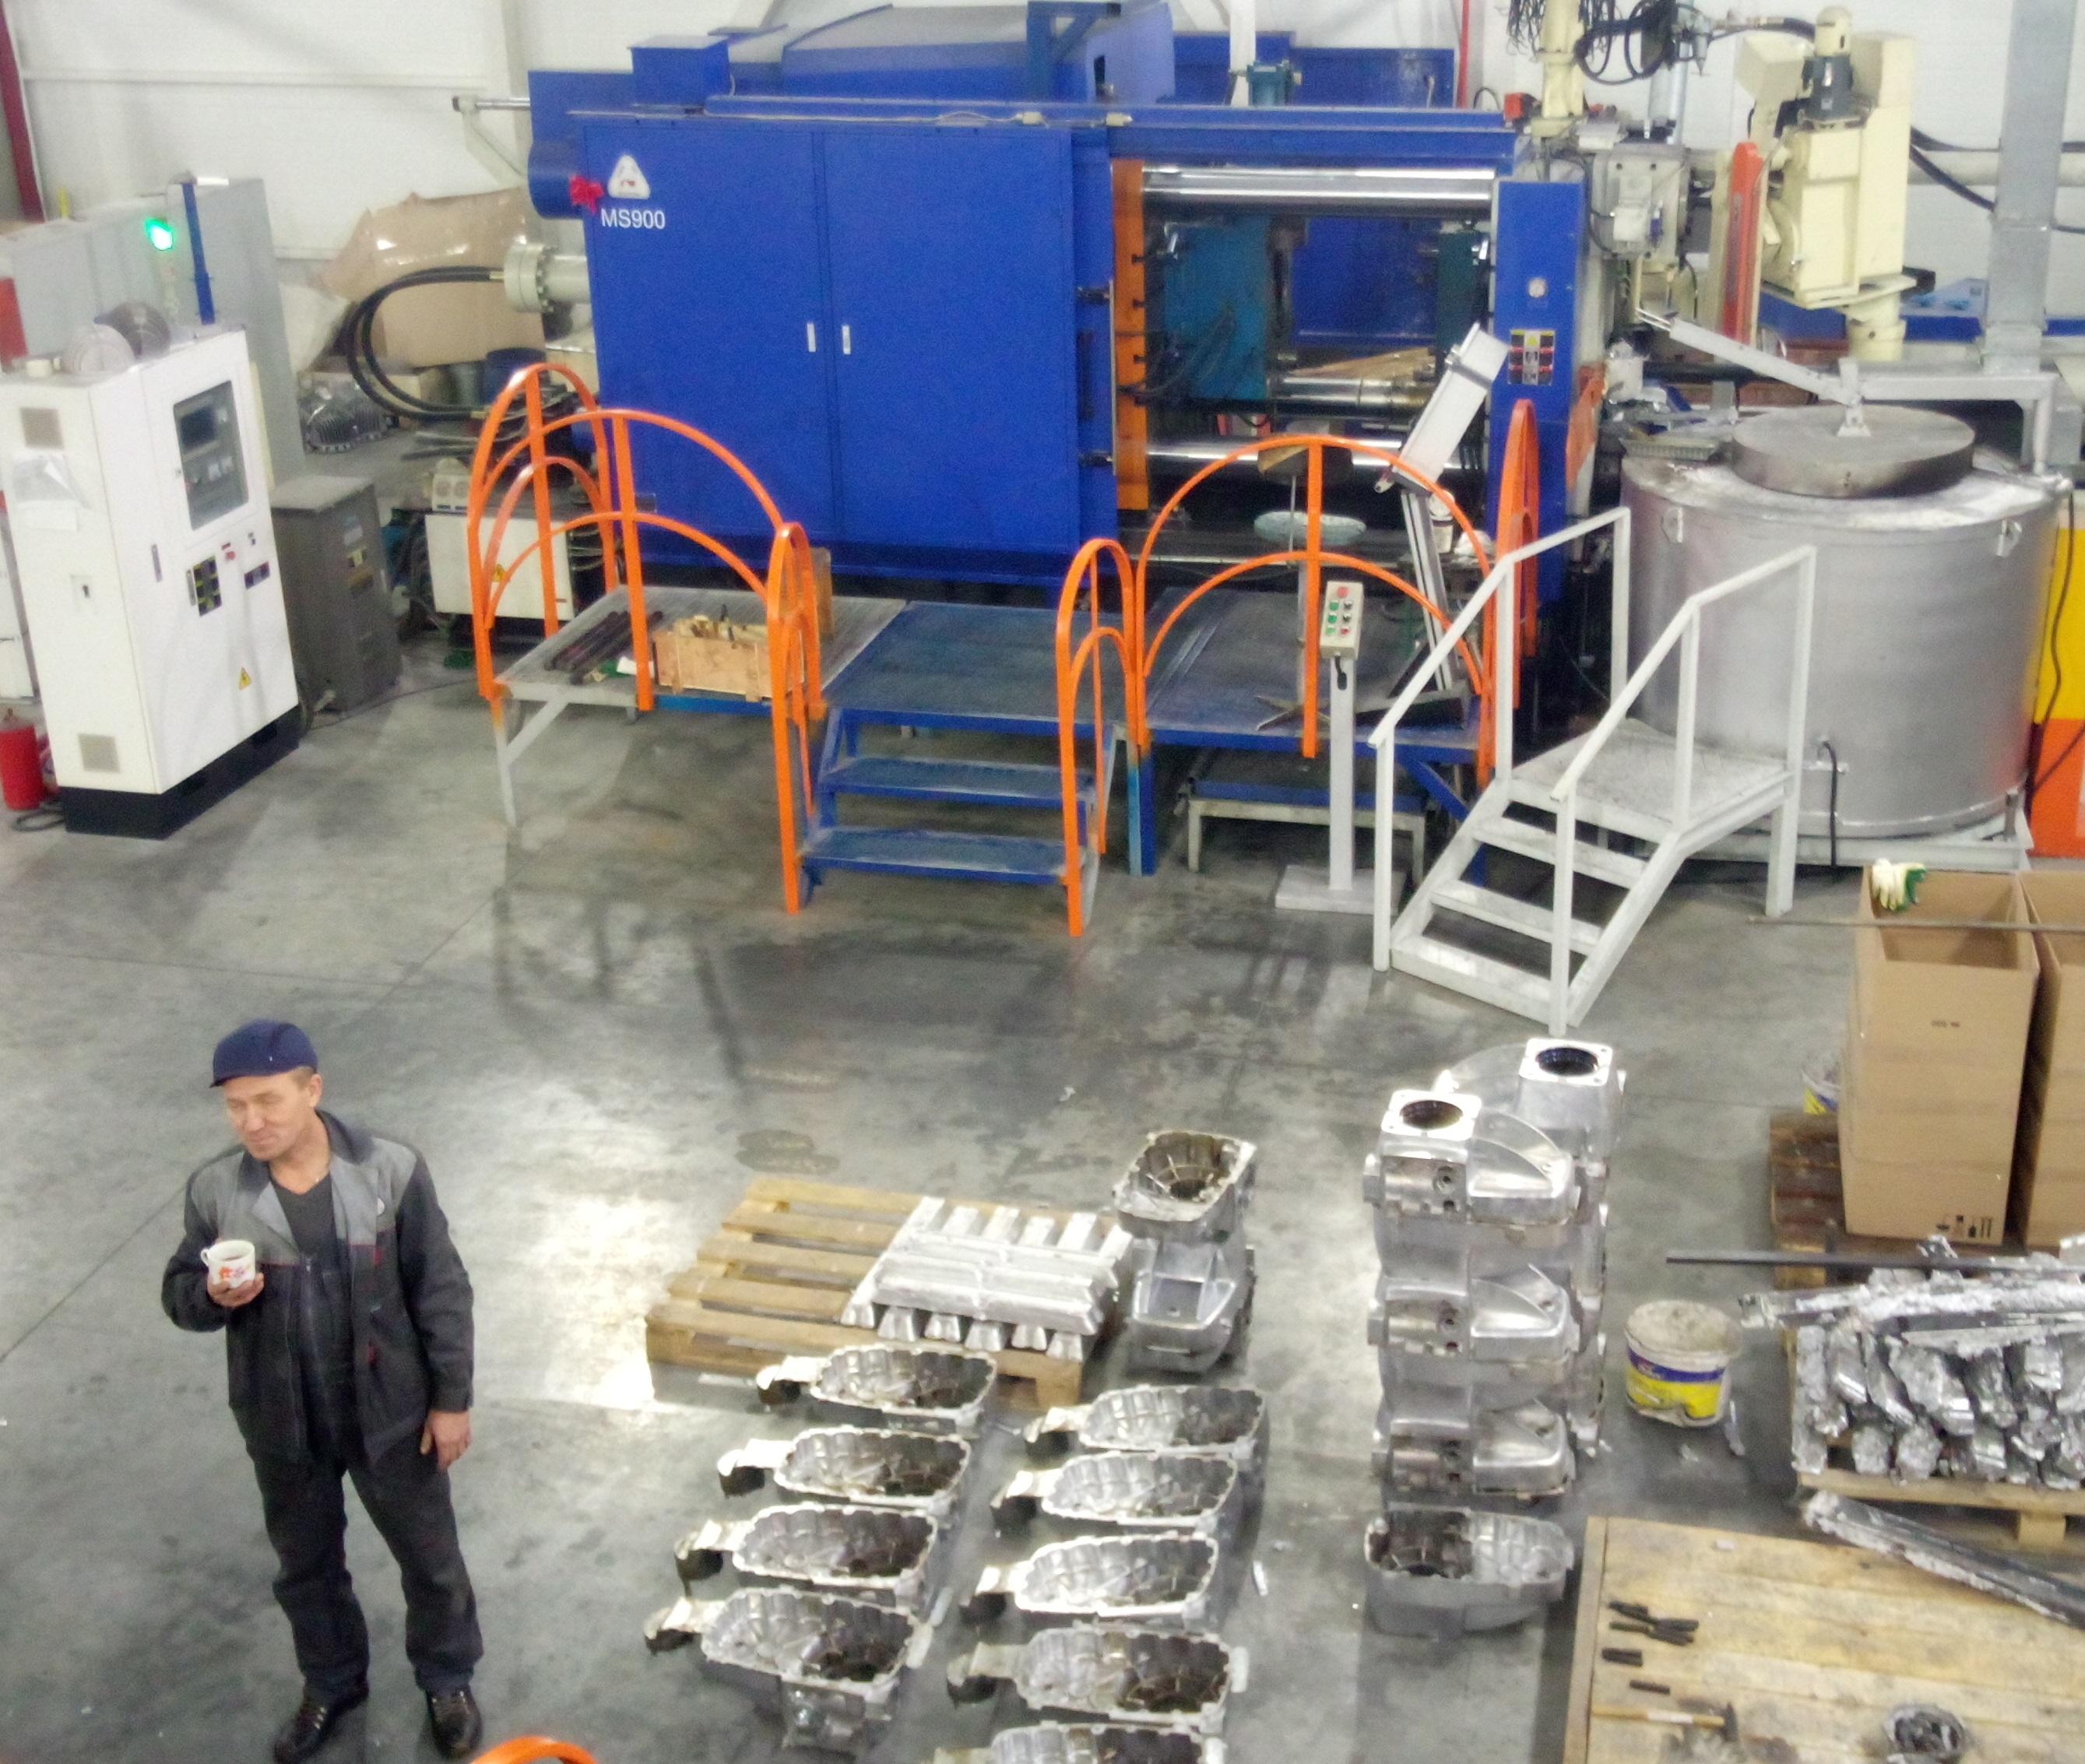 Пресс-форма «Корпус редуктора», установленная на машине MS900 (вес пресс-формы 3,5 тонны) и полученные в результате испытаний отливки «Корпус редуктора»